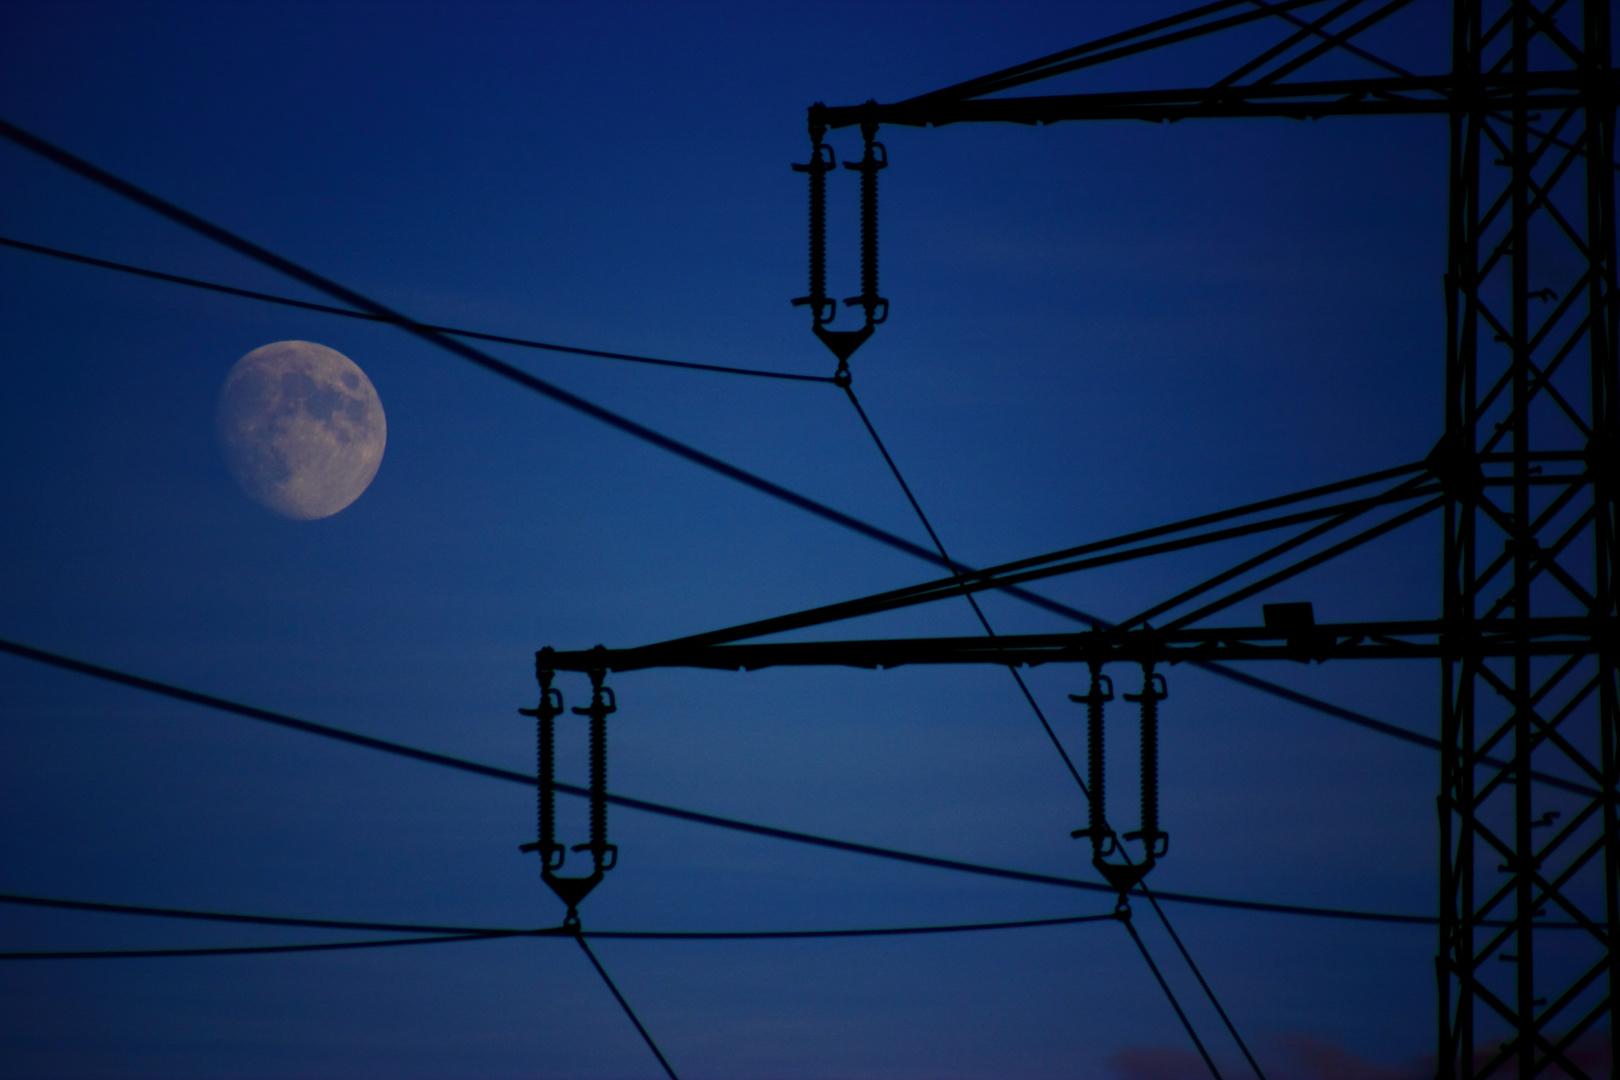 Der Mond bei Nacht.